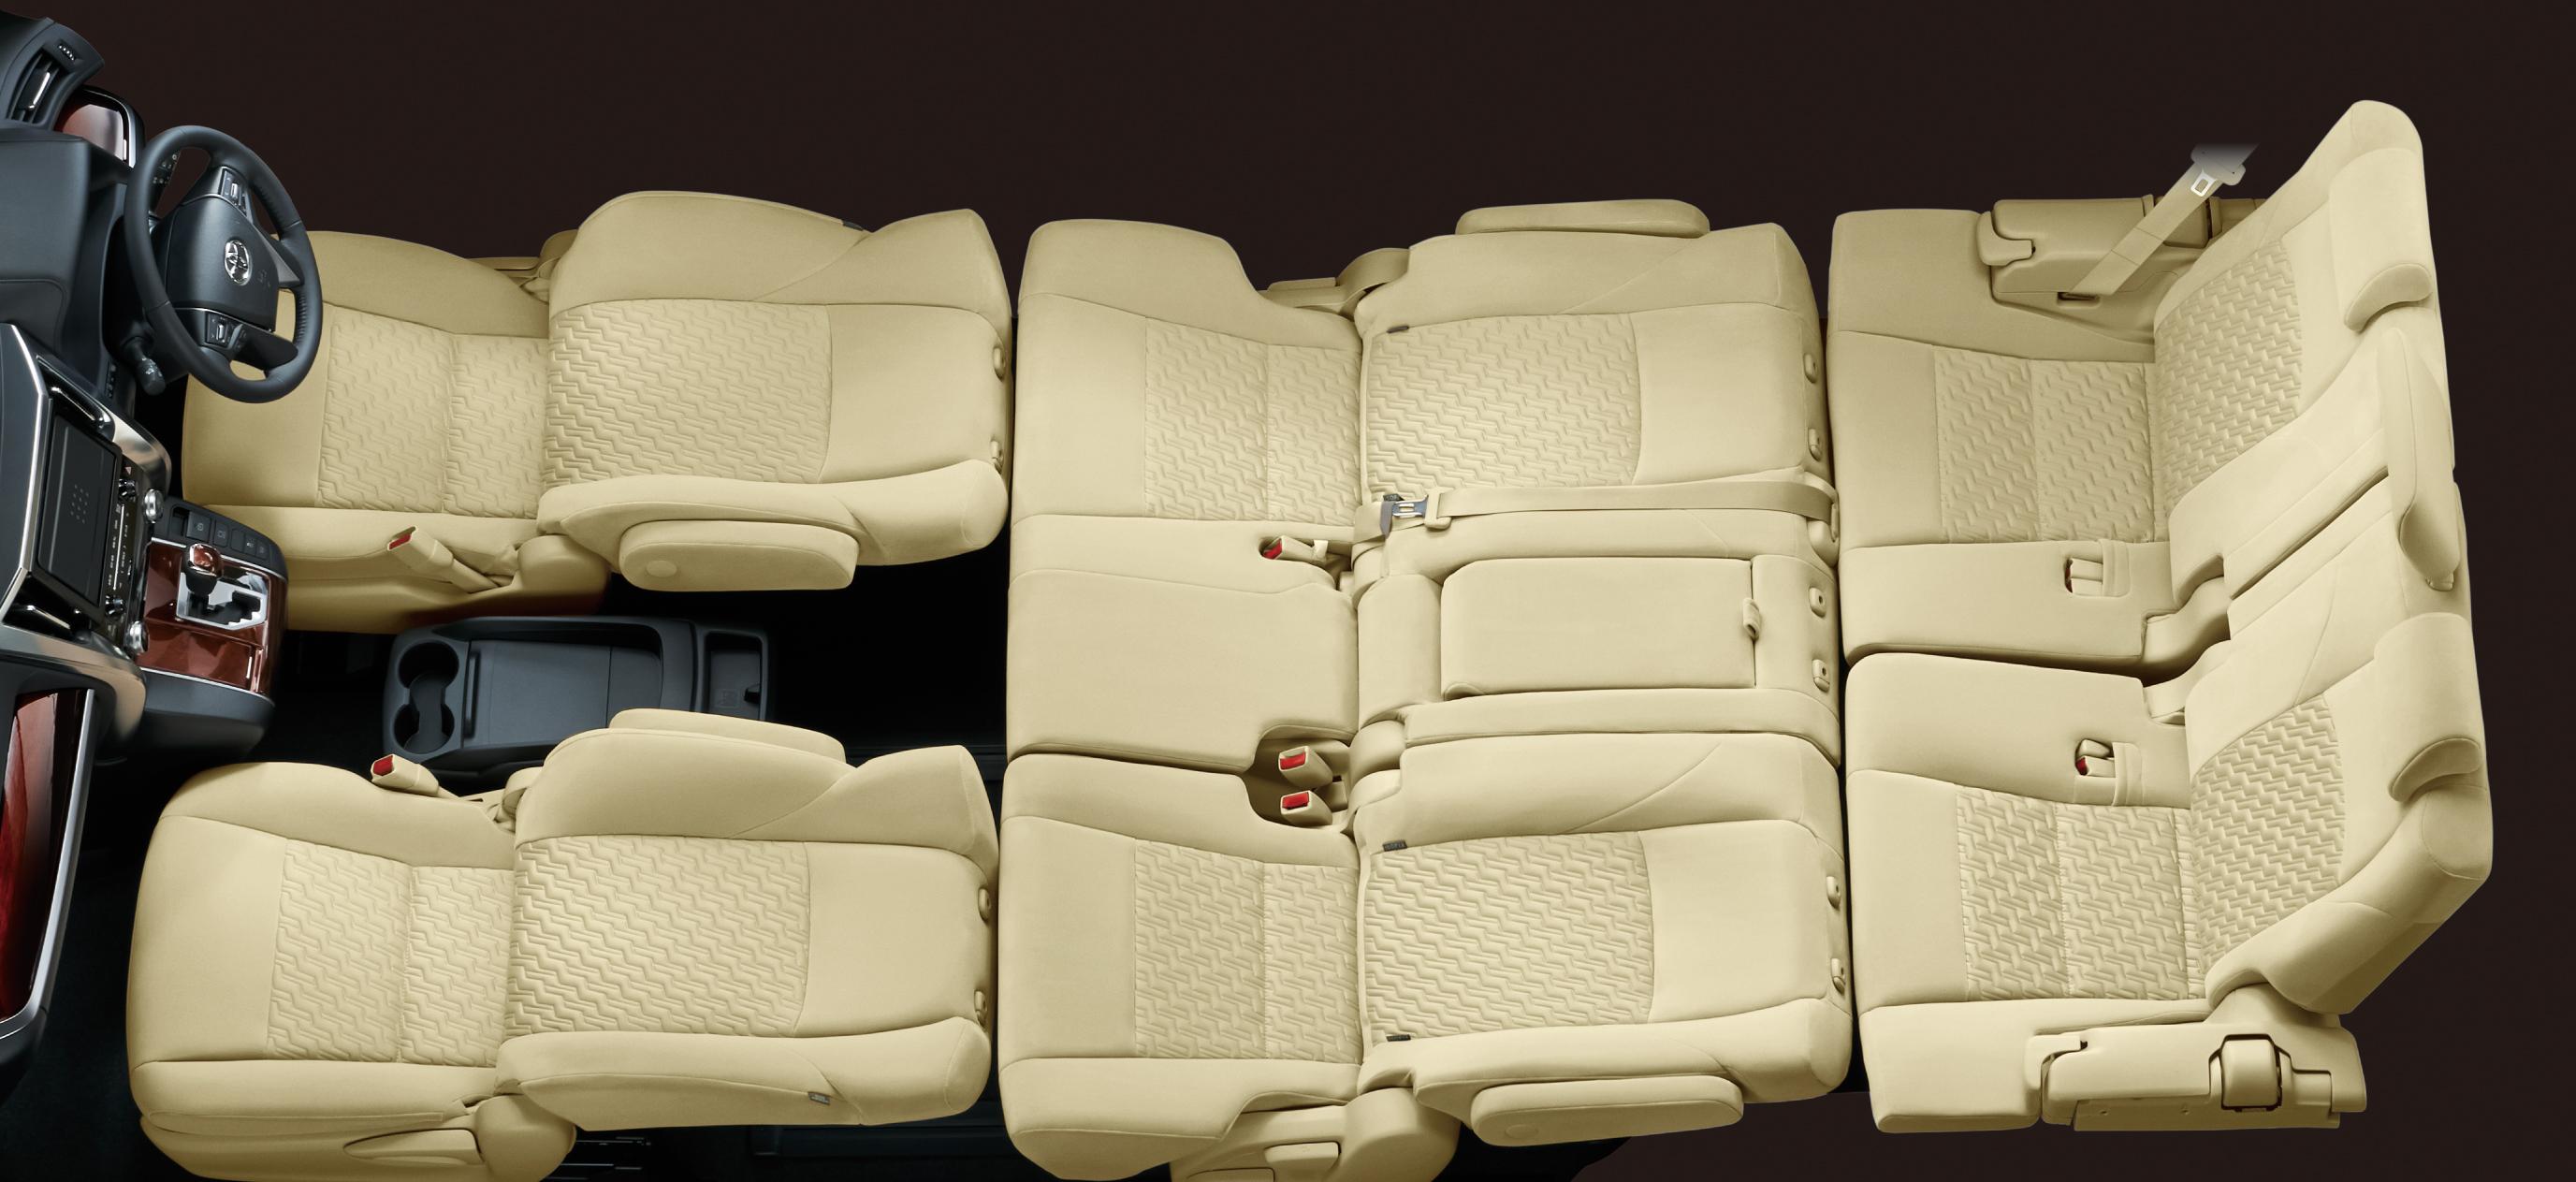 自動車のカタログで良くみる数字。後席シートアレンジで使われる数字の意味、ご存知ですか?